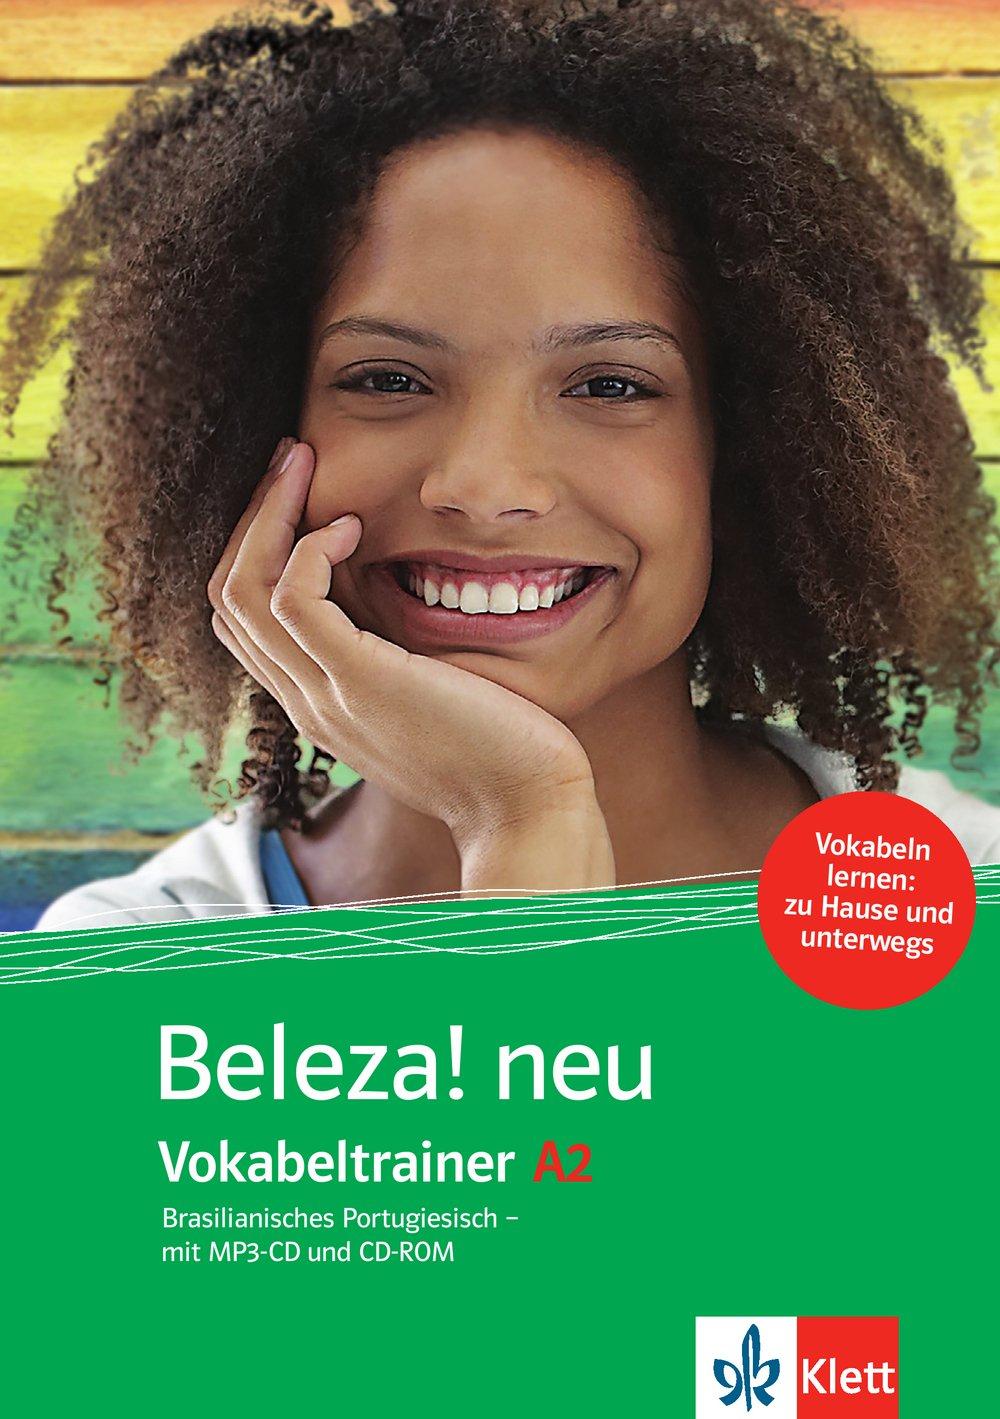 beleza-neu-vokabeltrainer-a2-brasilianisches-portugiesisch-mit-mp3-cd-und-cd-rom